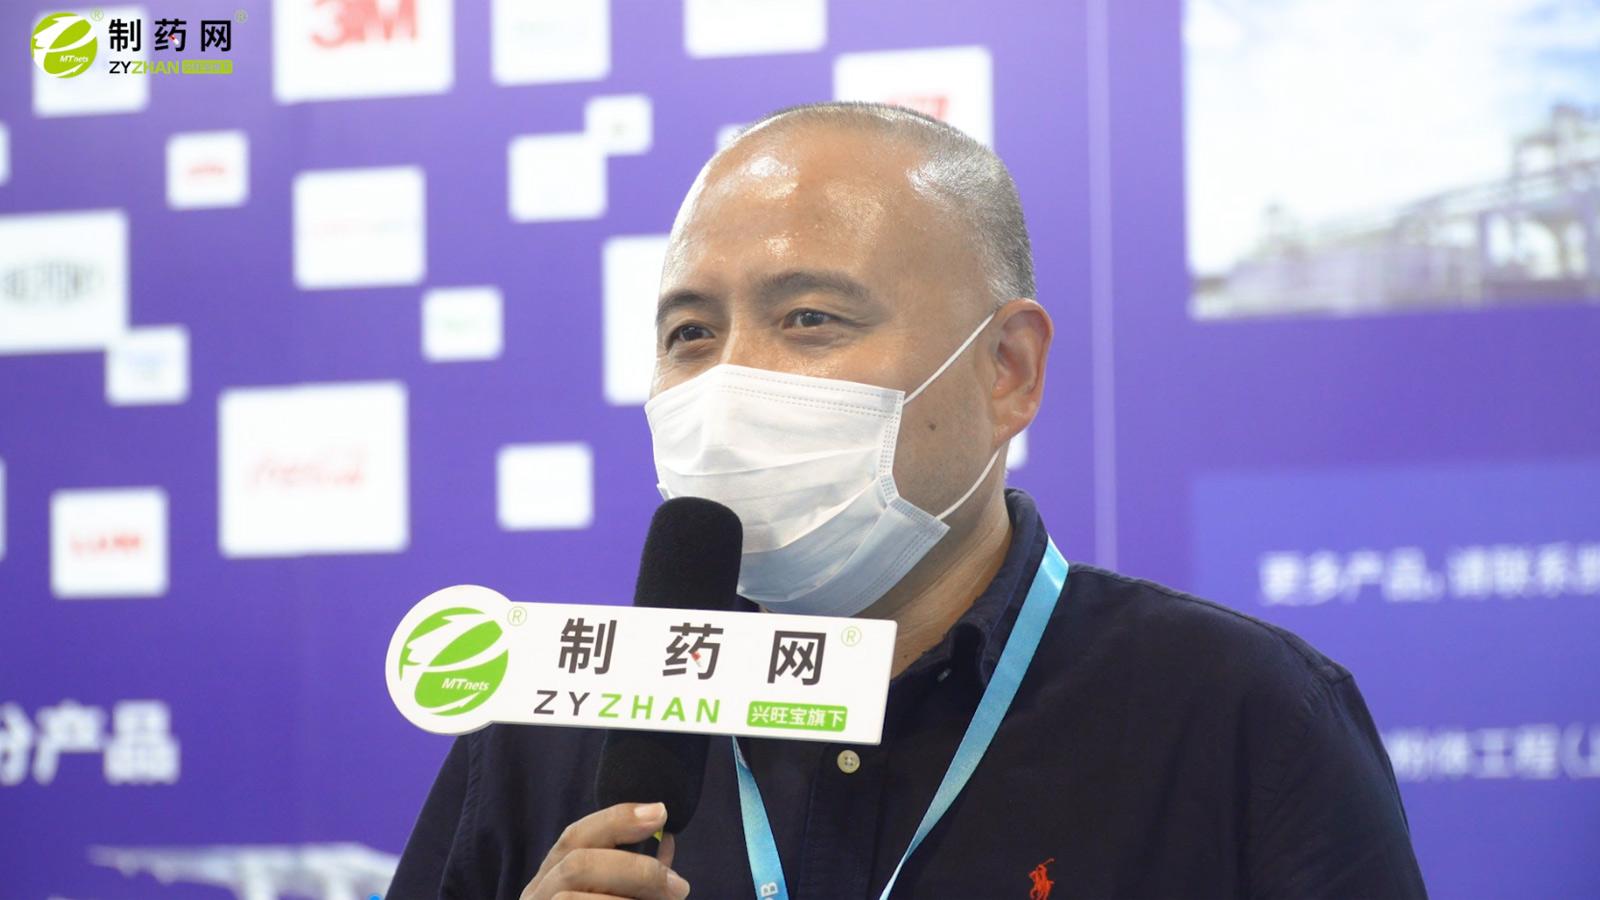 凯睿达董事长殷明:未来进一步开拓制药粉体领域